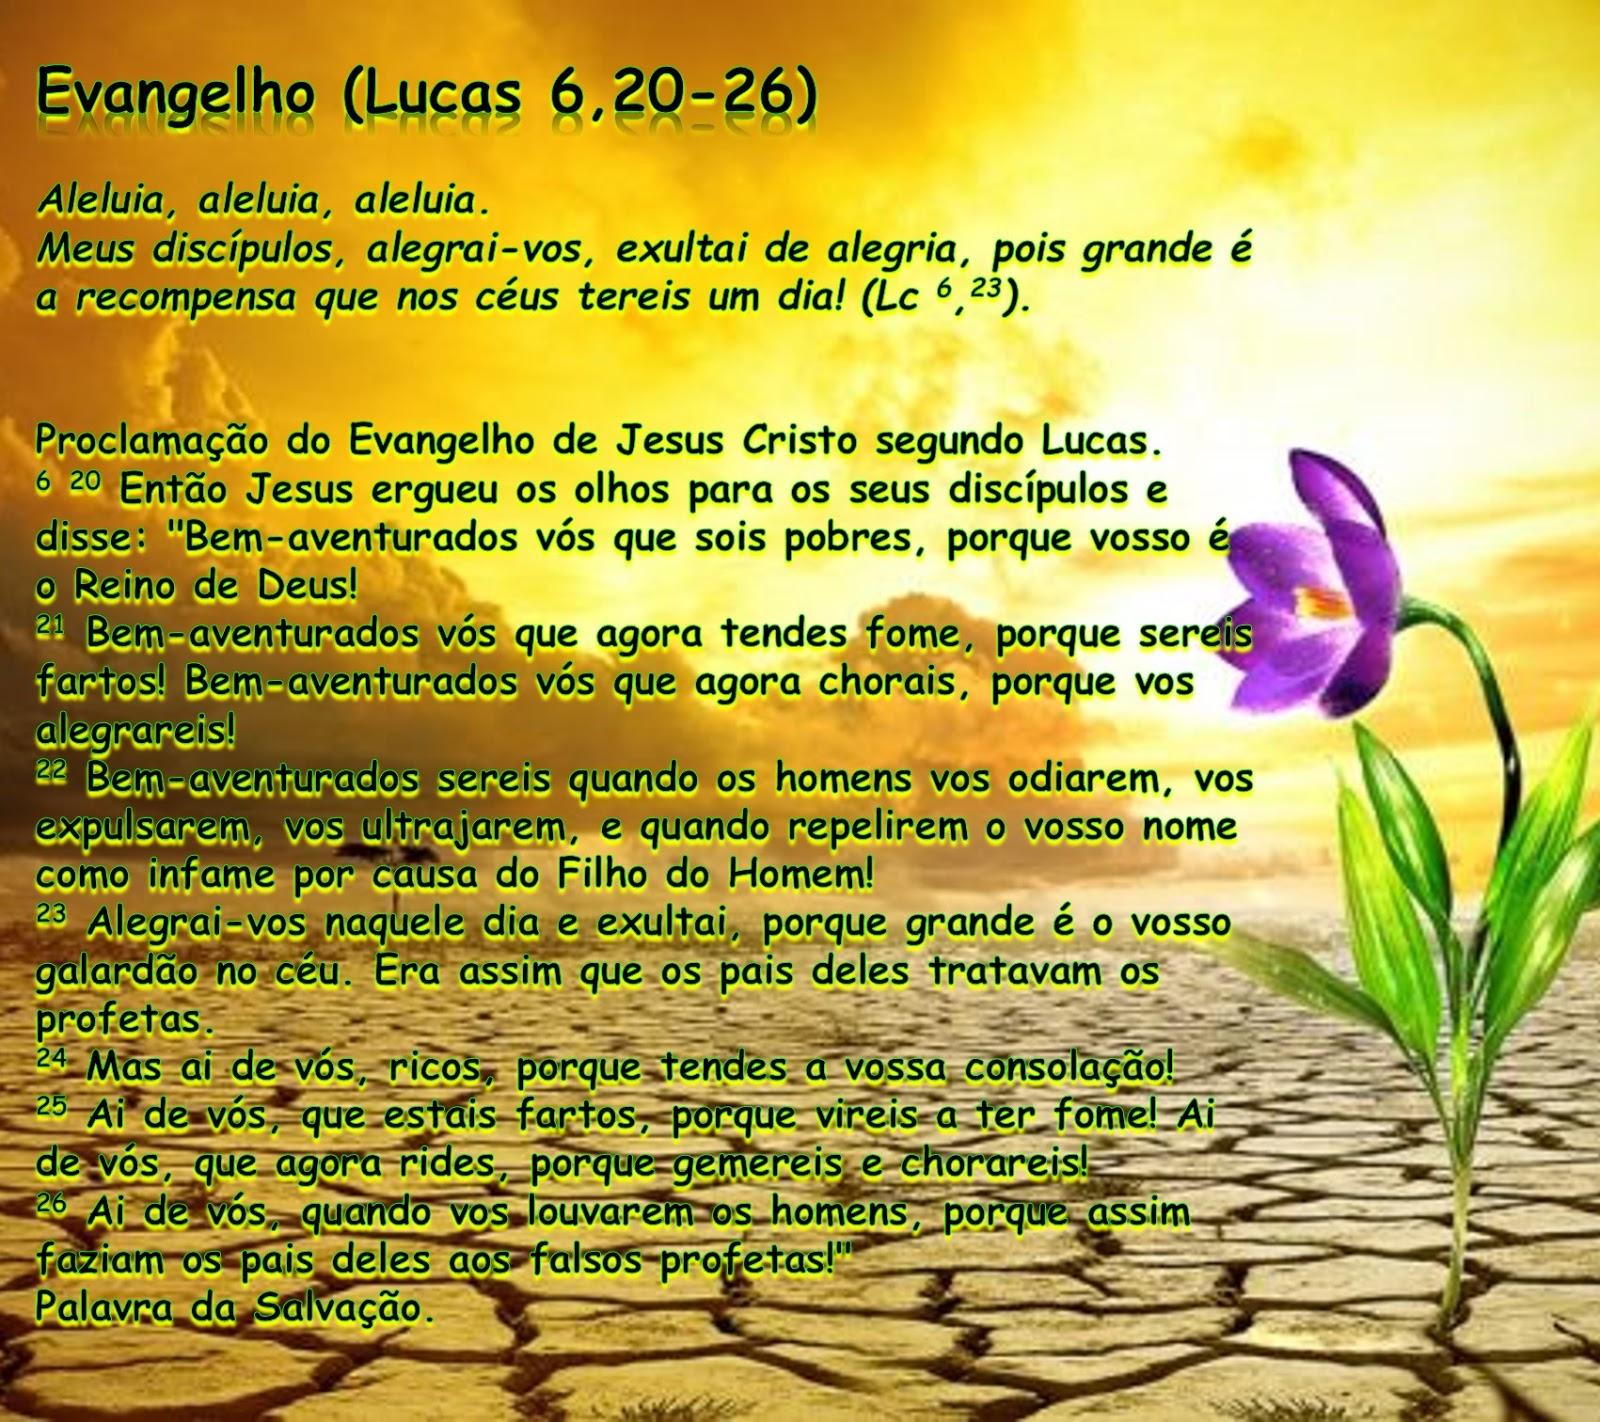 evangelho do dia de hoje Com Reflexão flor